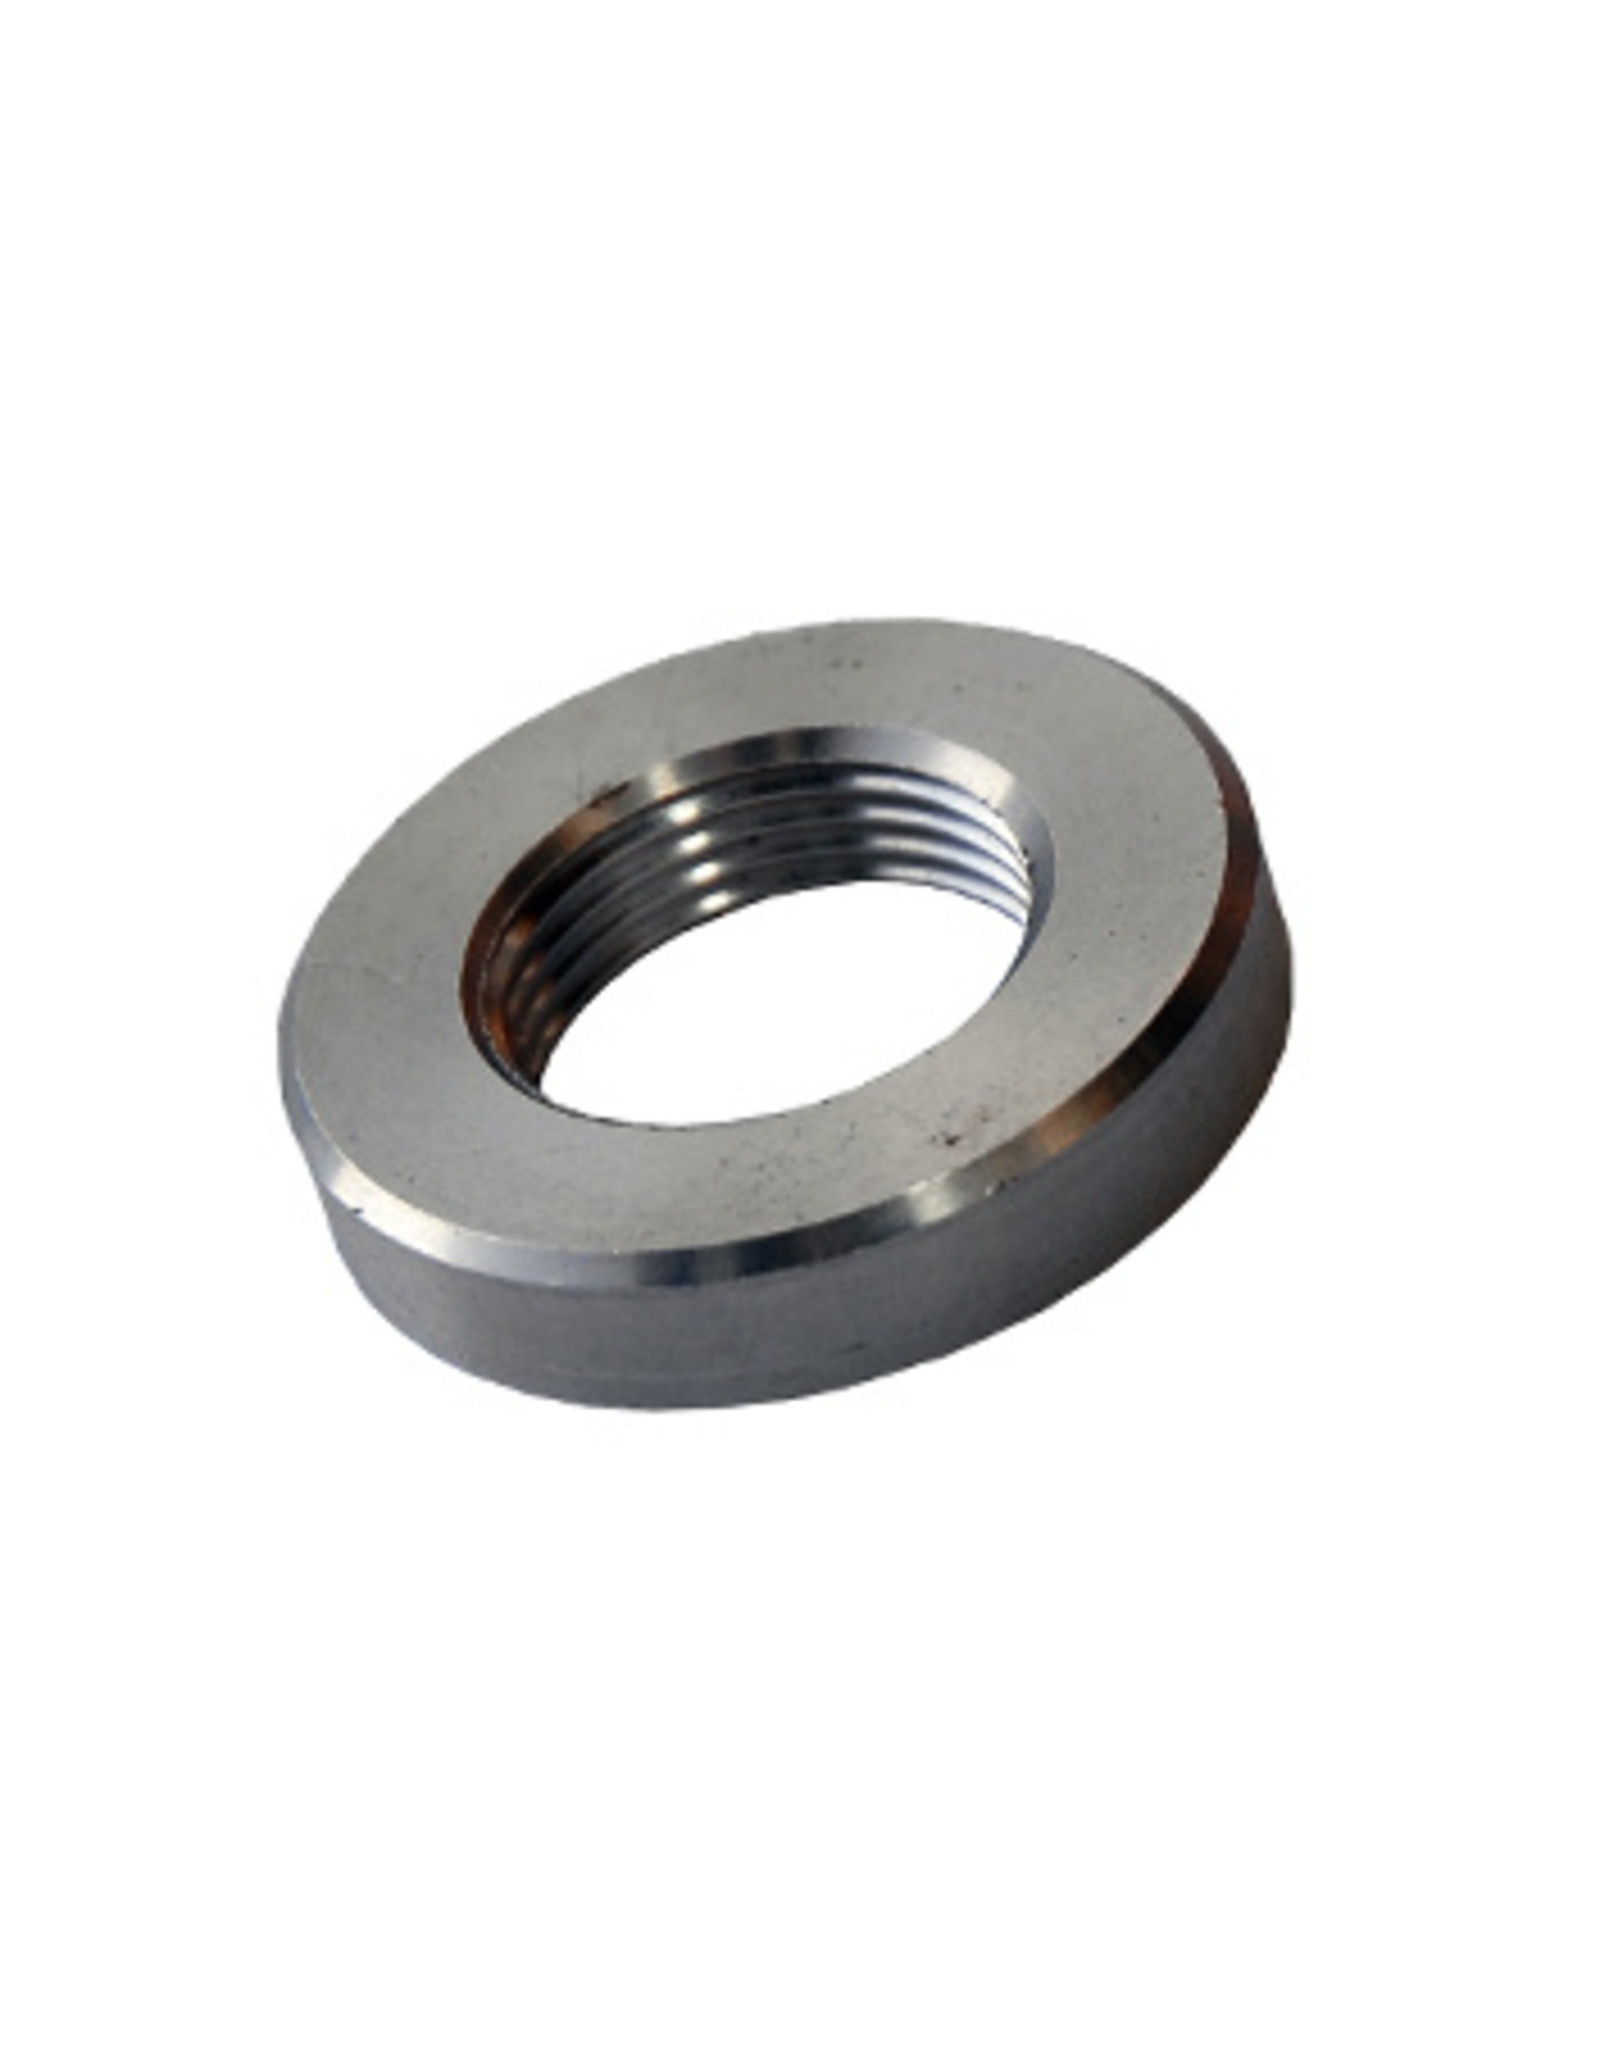 Revotec Lasmoer M22 x 1.5 Aluminium